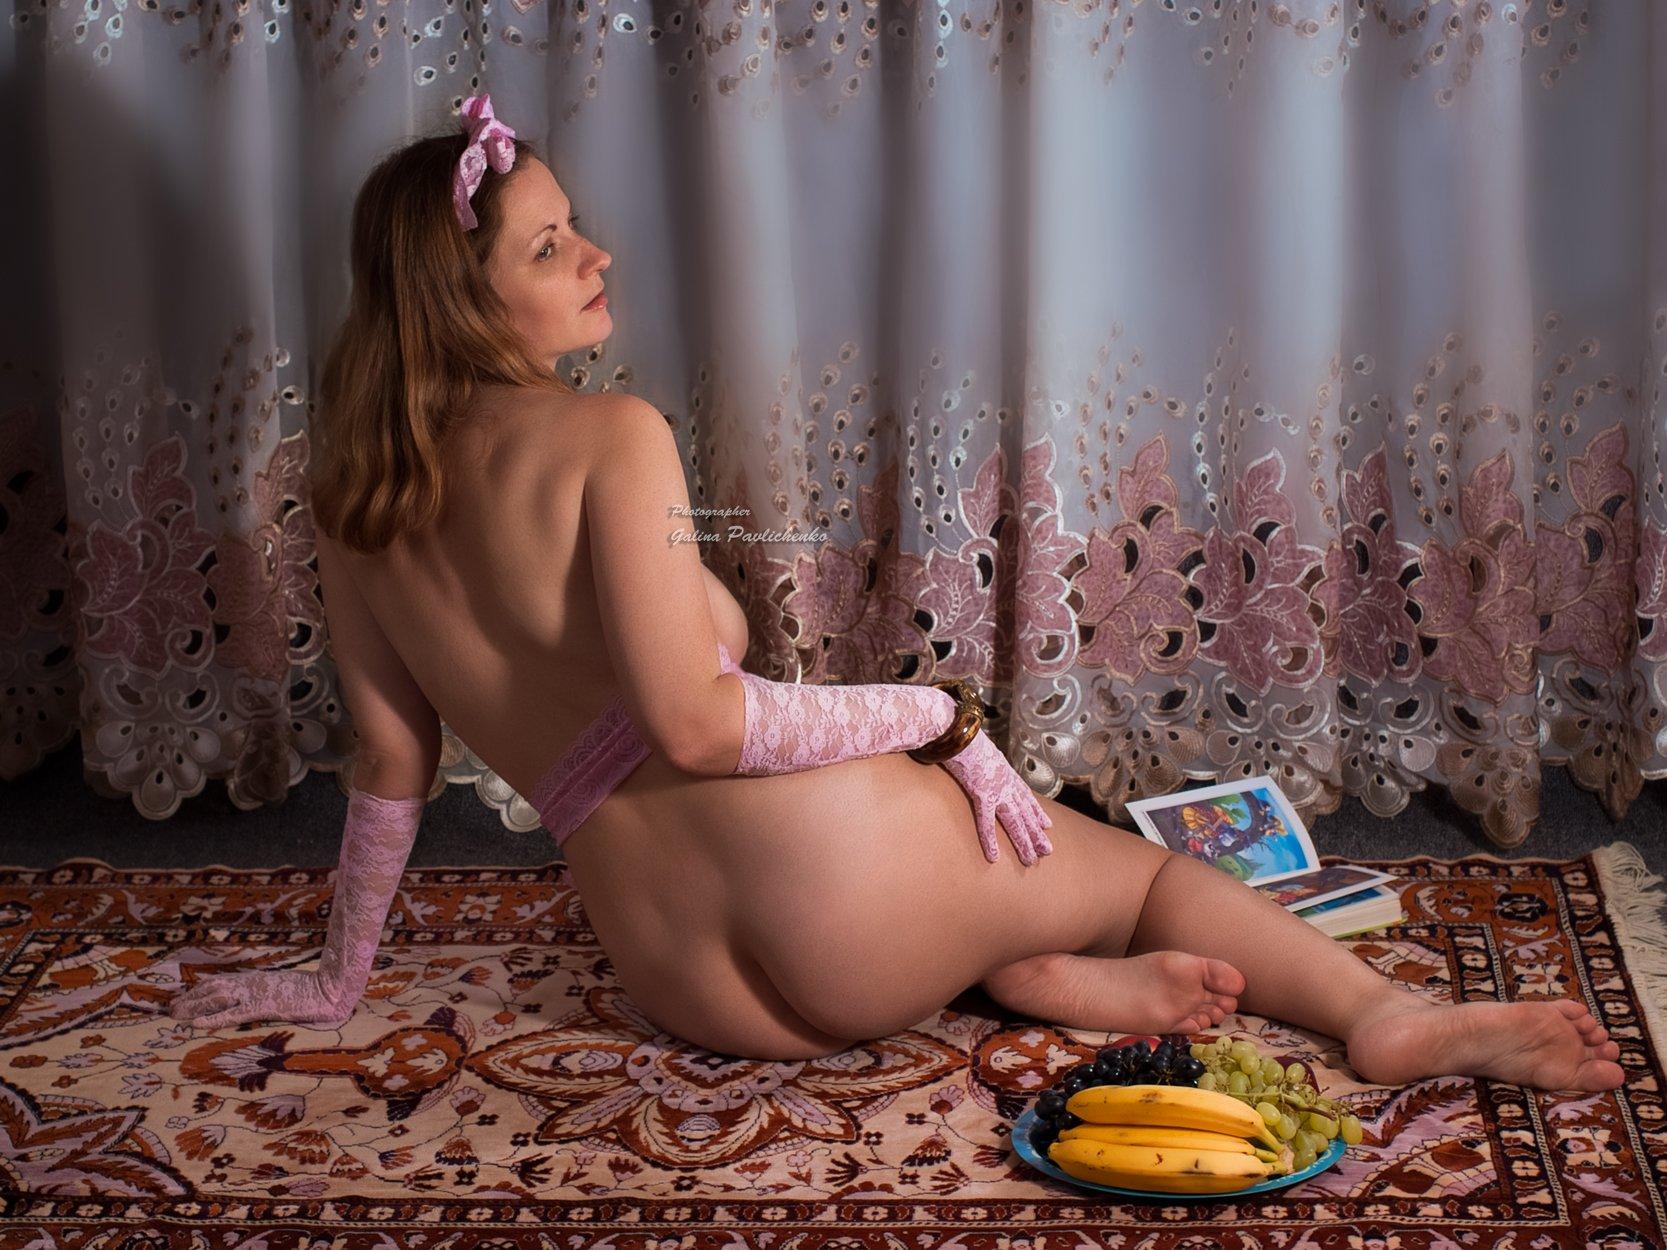 девушка , женщина , эротика , обнажённое тело , восточные сказки, книга, образ , ню , фрукты, Галя